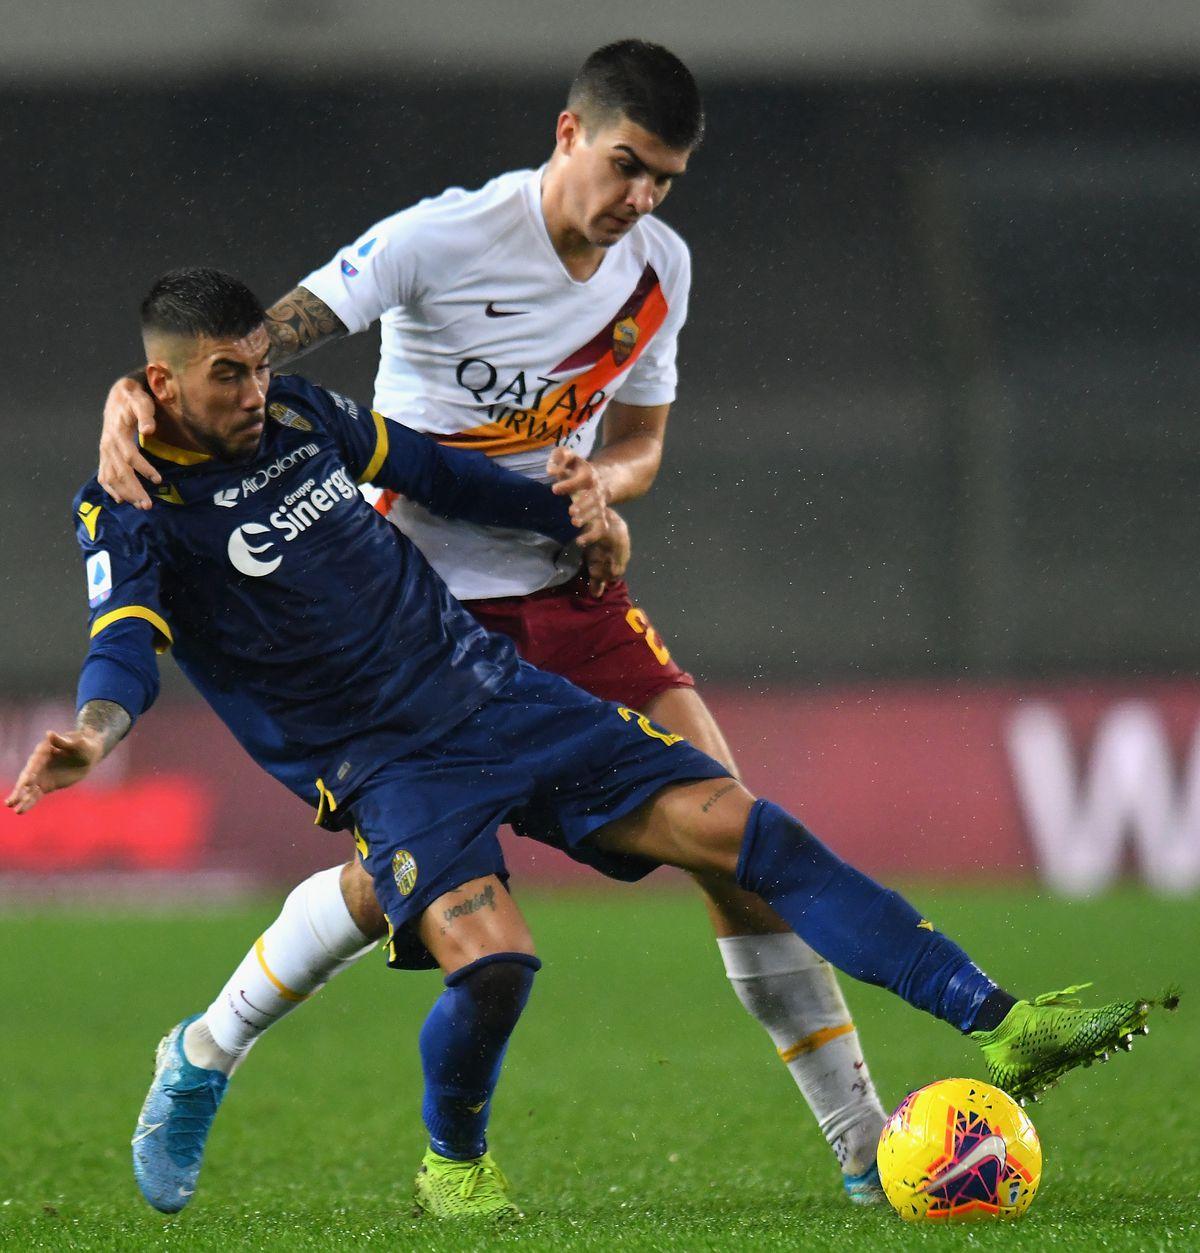 Hellas Verona v AS Roma - Serie A